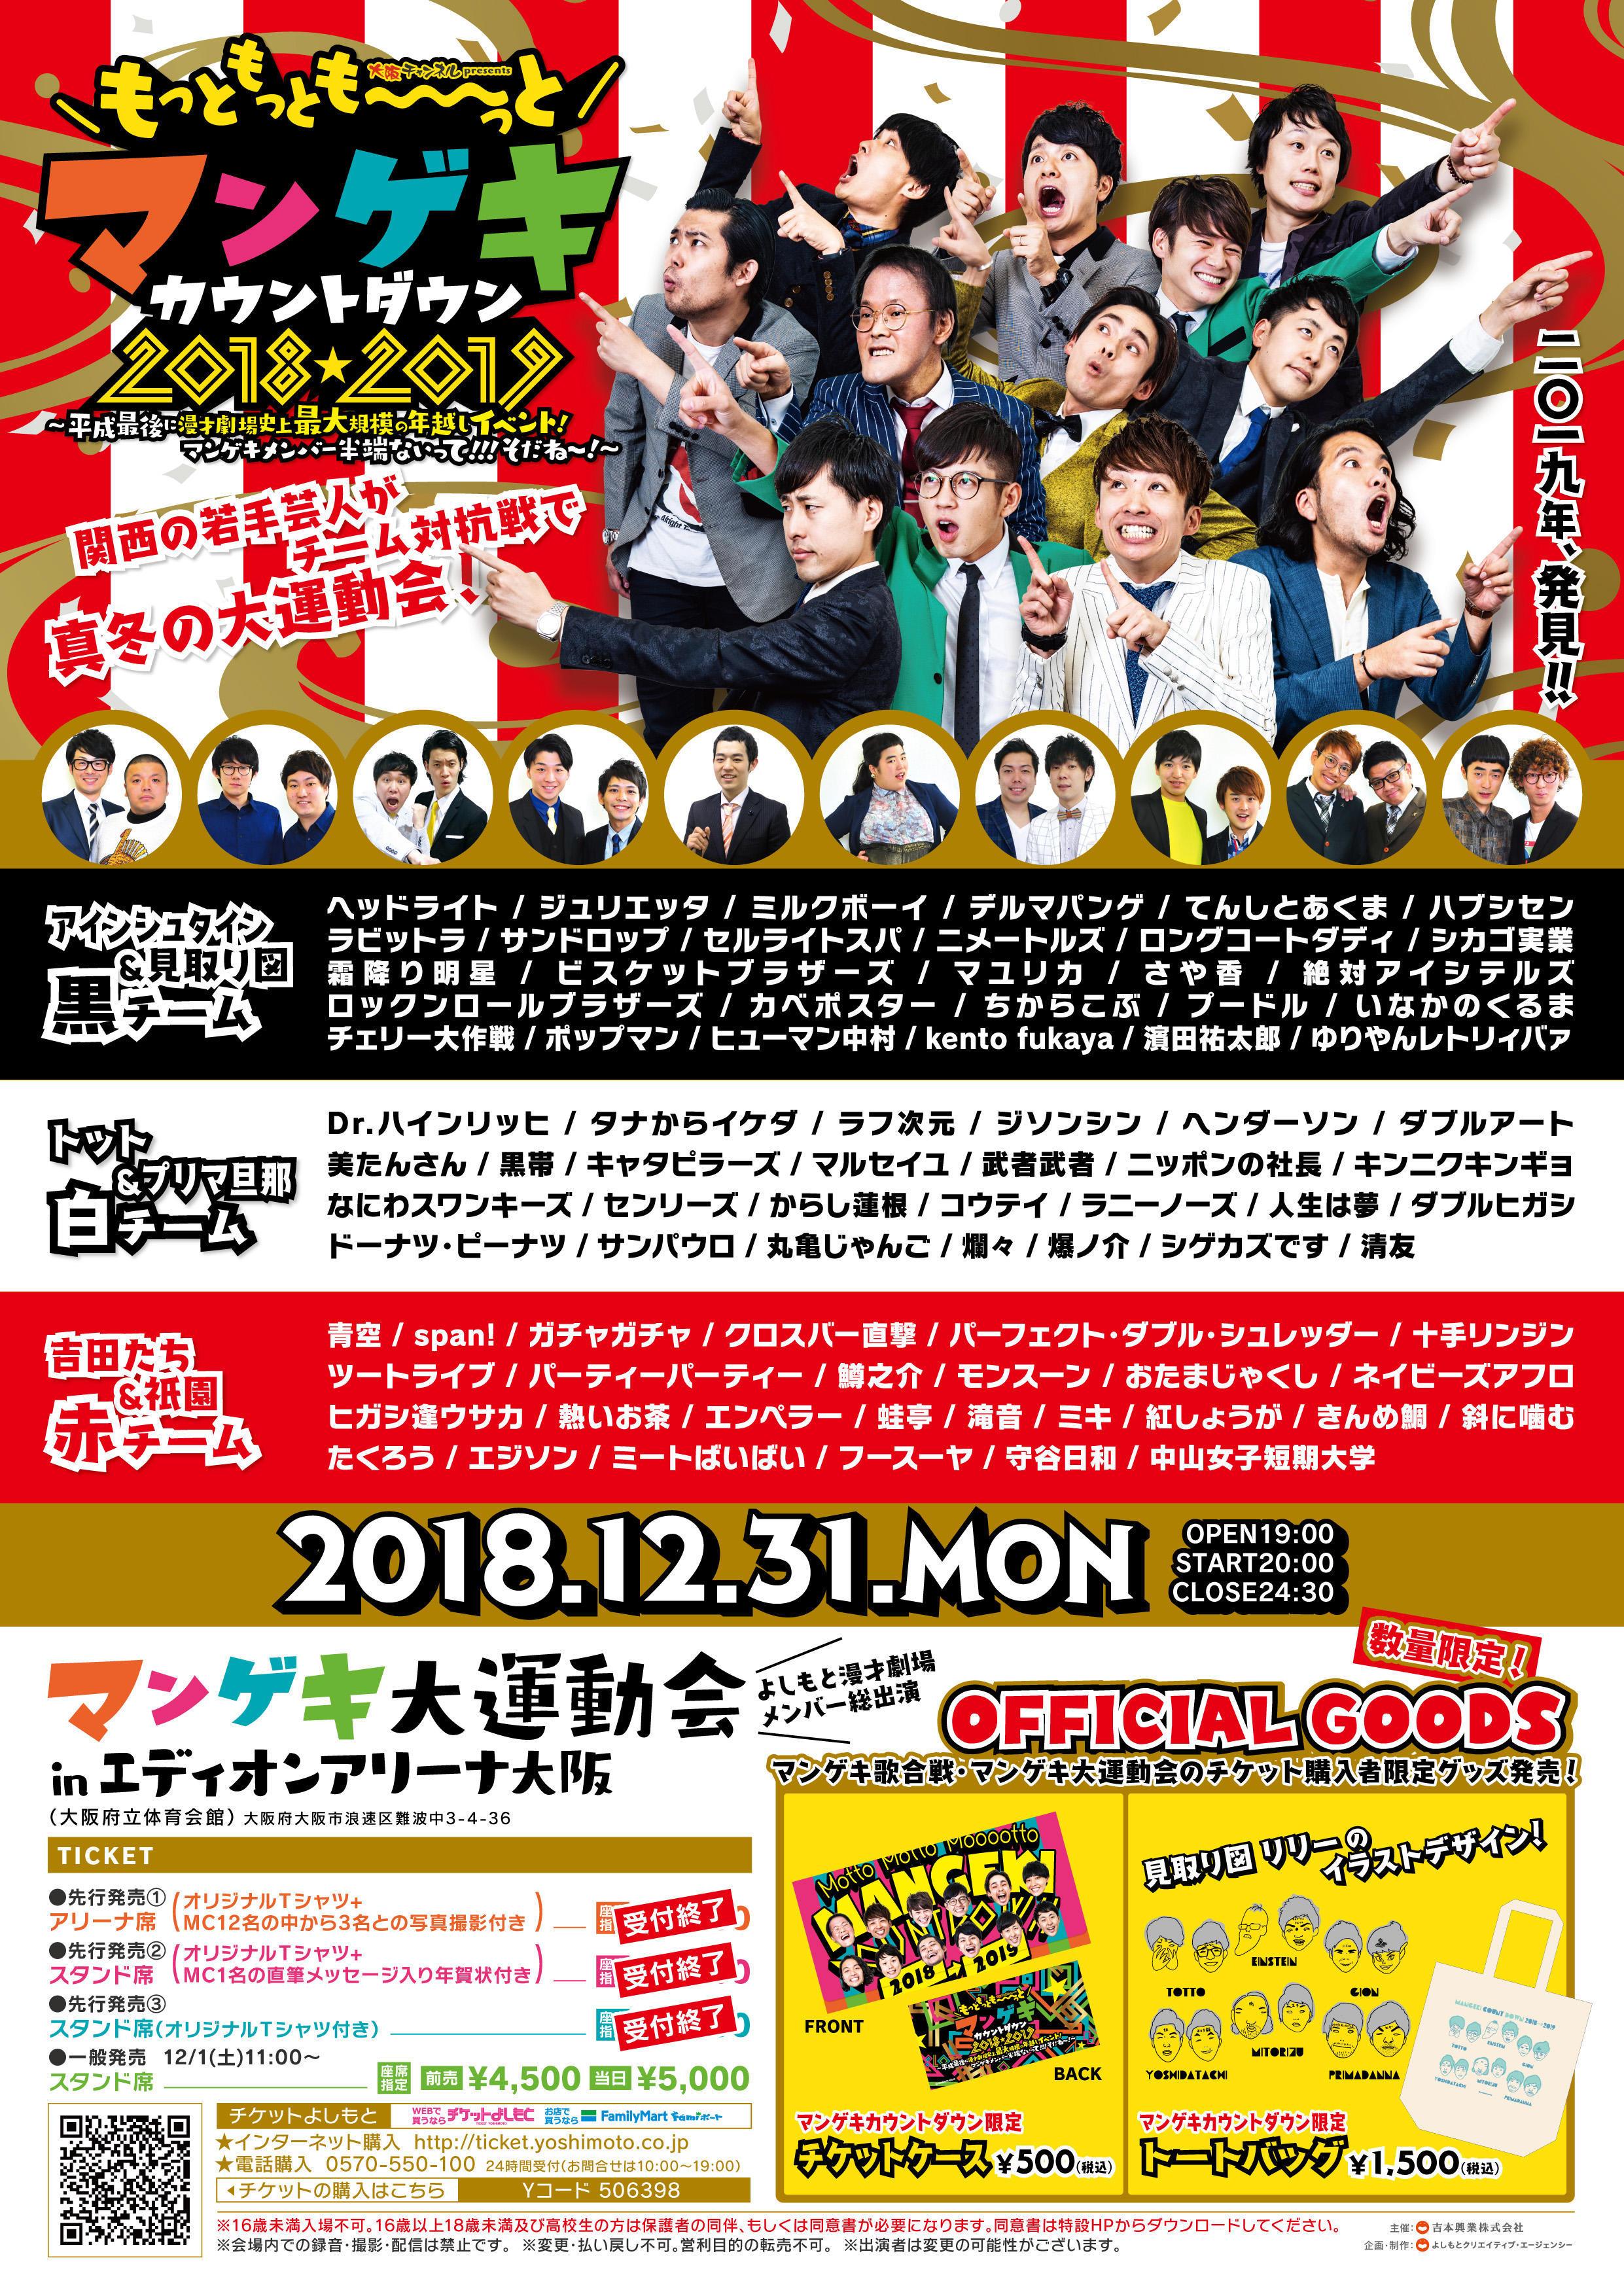 http://news.yoshimoto.co.jp/20181228135616-24b3839d225d3f6d125a529c3c24cec60d55077d.jpg